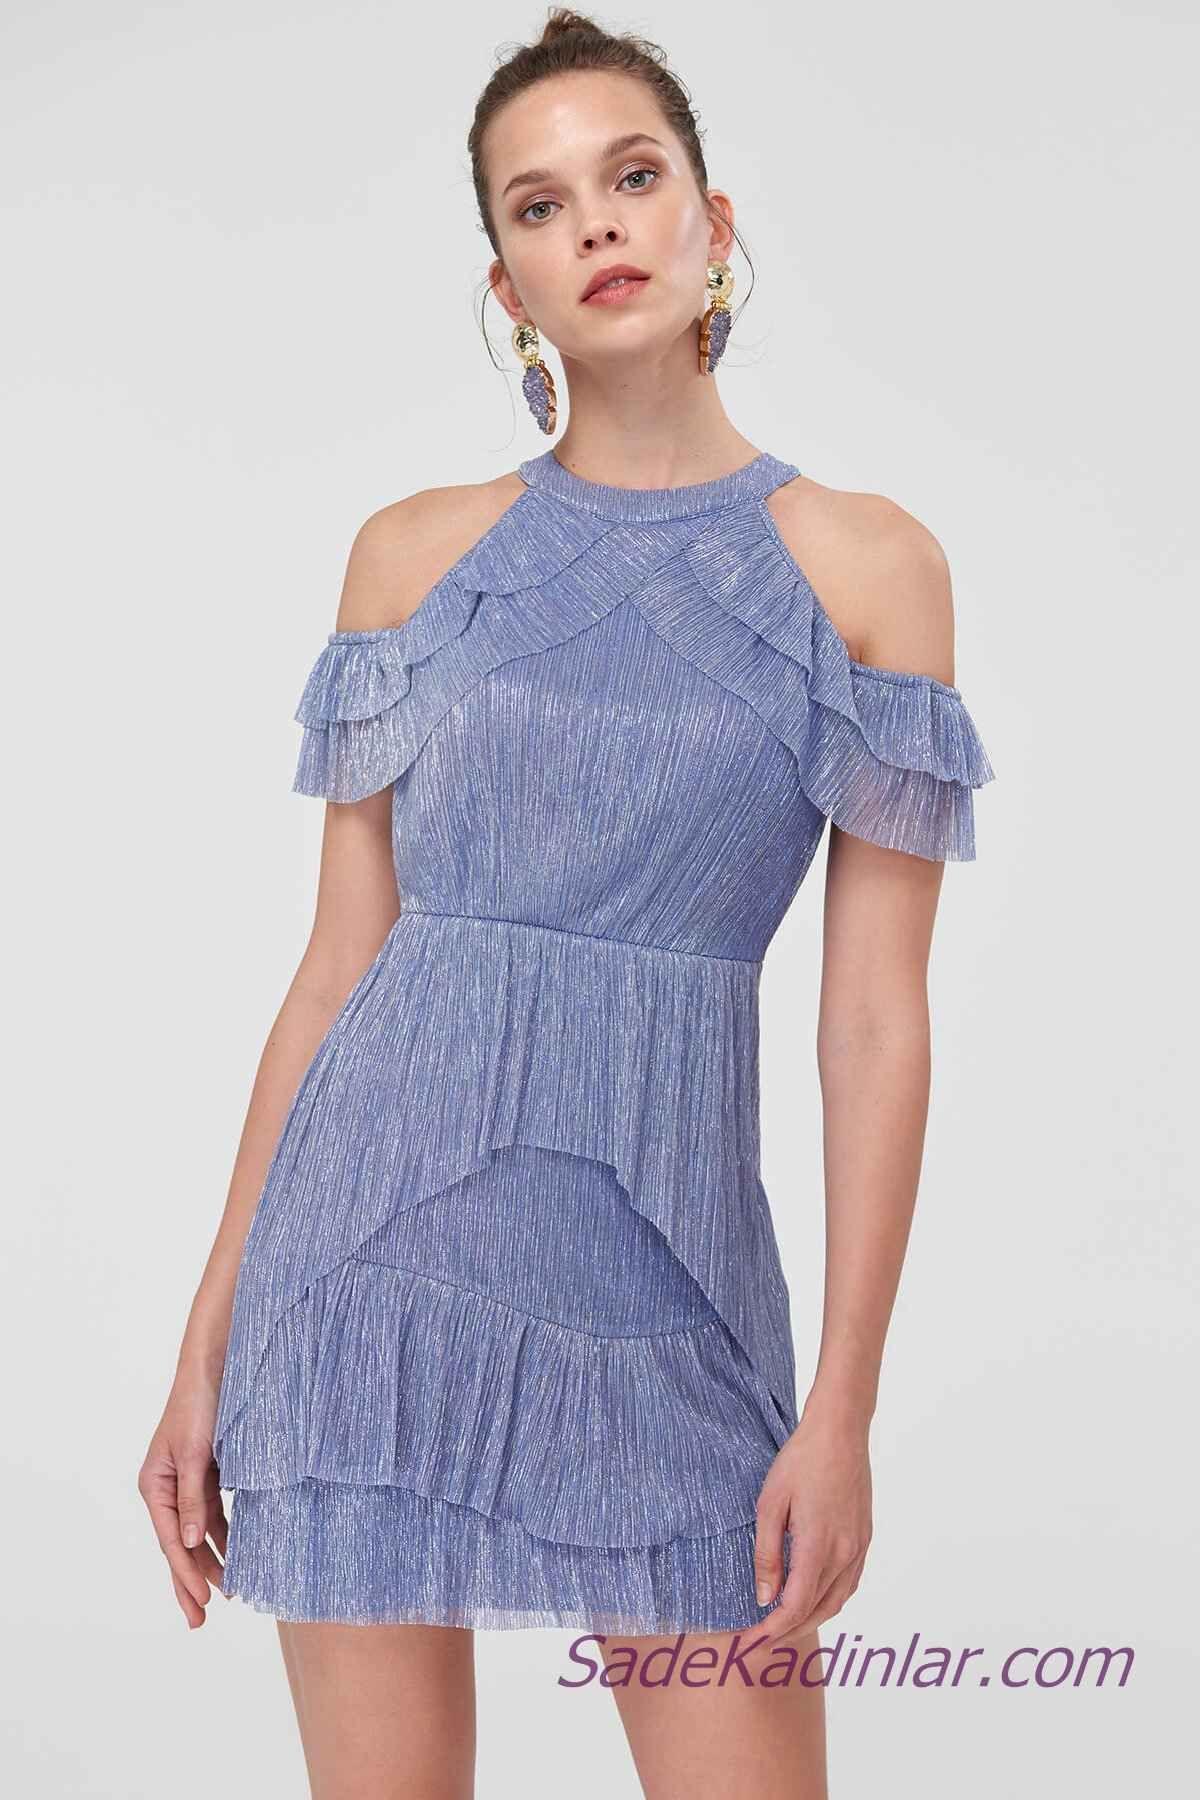 Wunderbare partykleid 19 Tipps - Top Modische Kleider